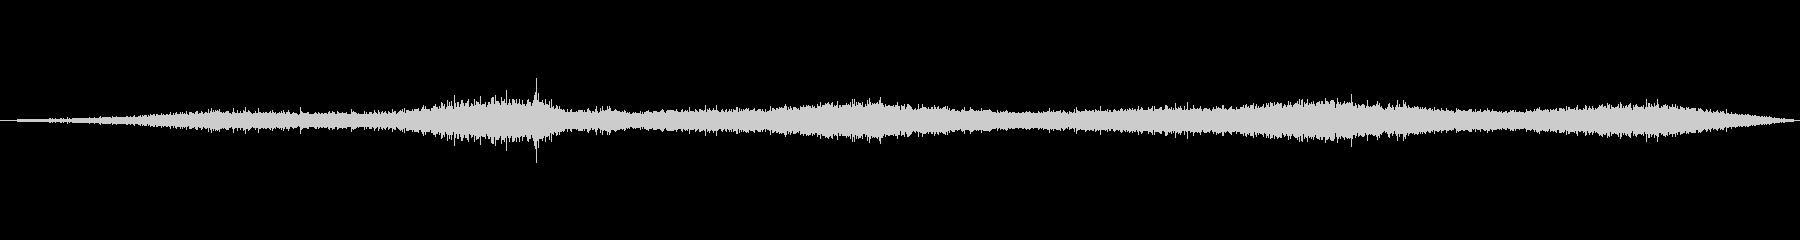 風の効果音(自然、そよ風、ビル風等)14の未再生の波形